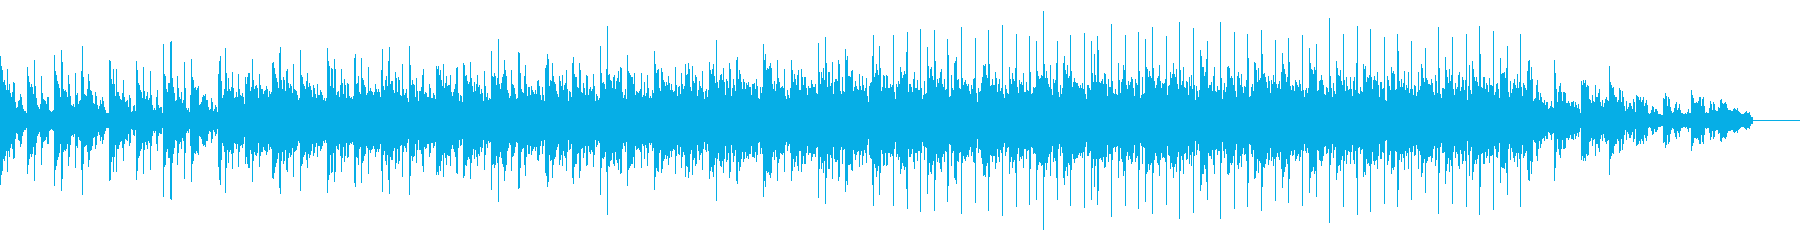 琴の音色とチルアウトな浮遊感テクノBGMの再生済みの波形